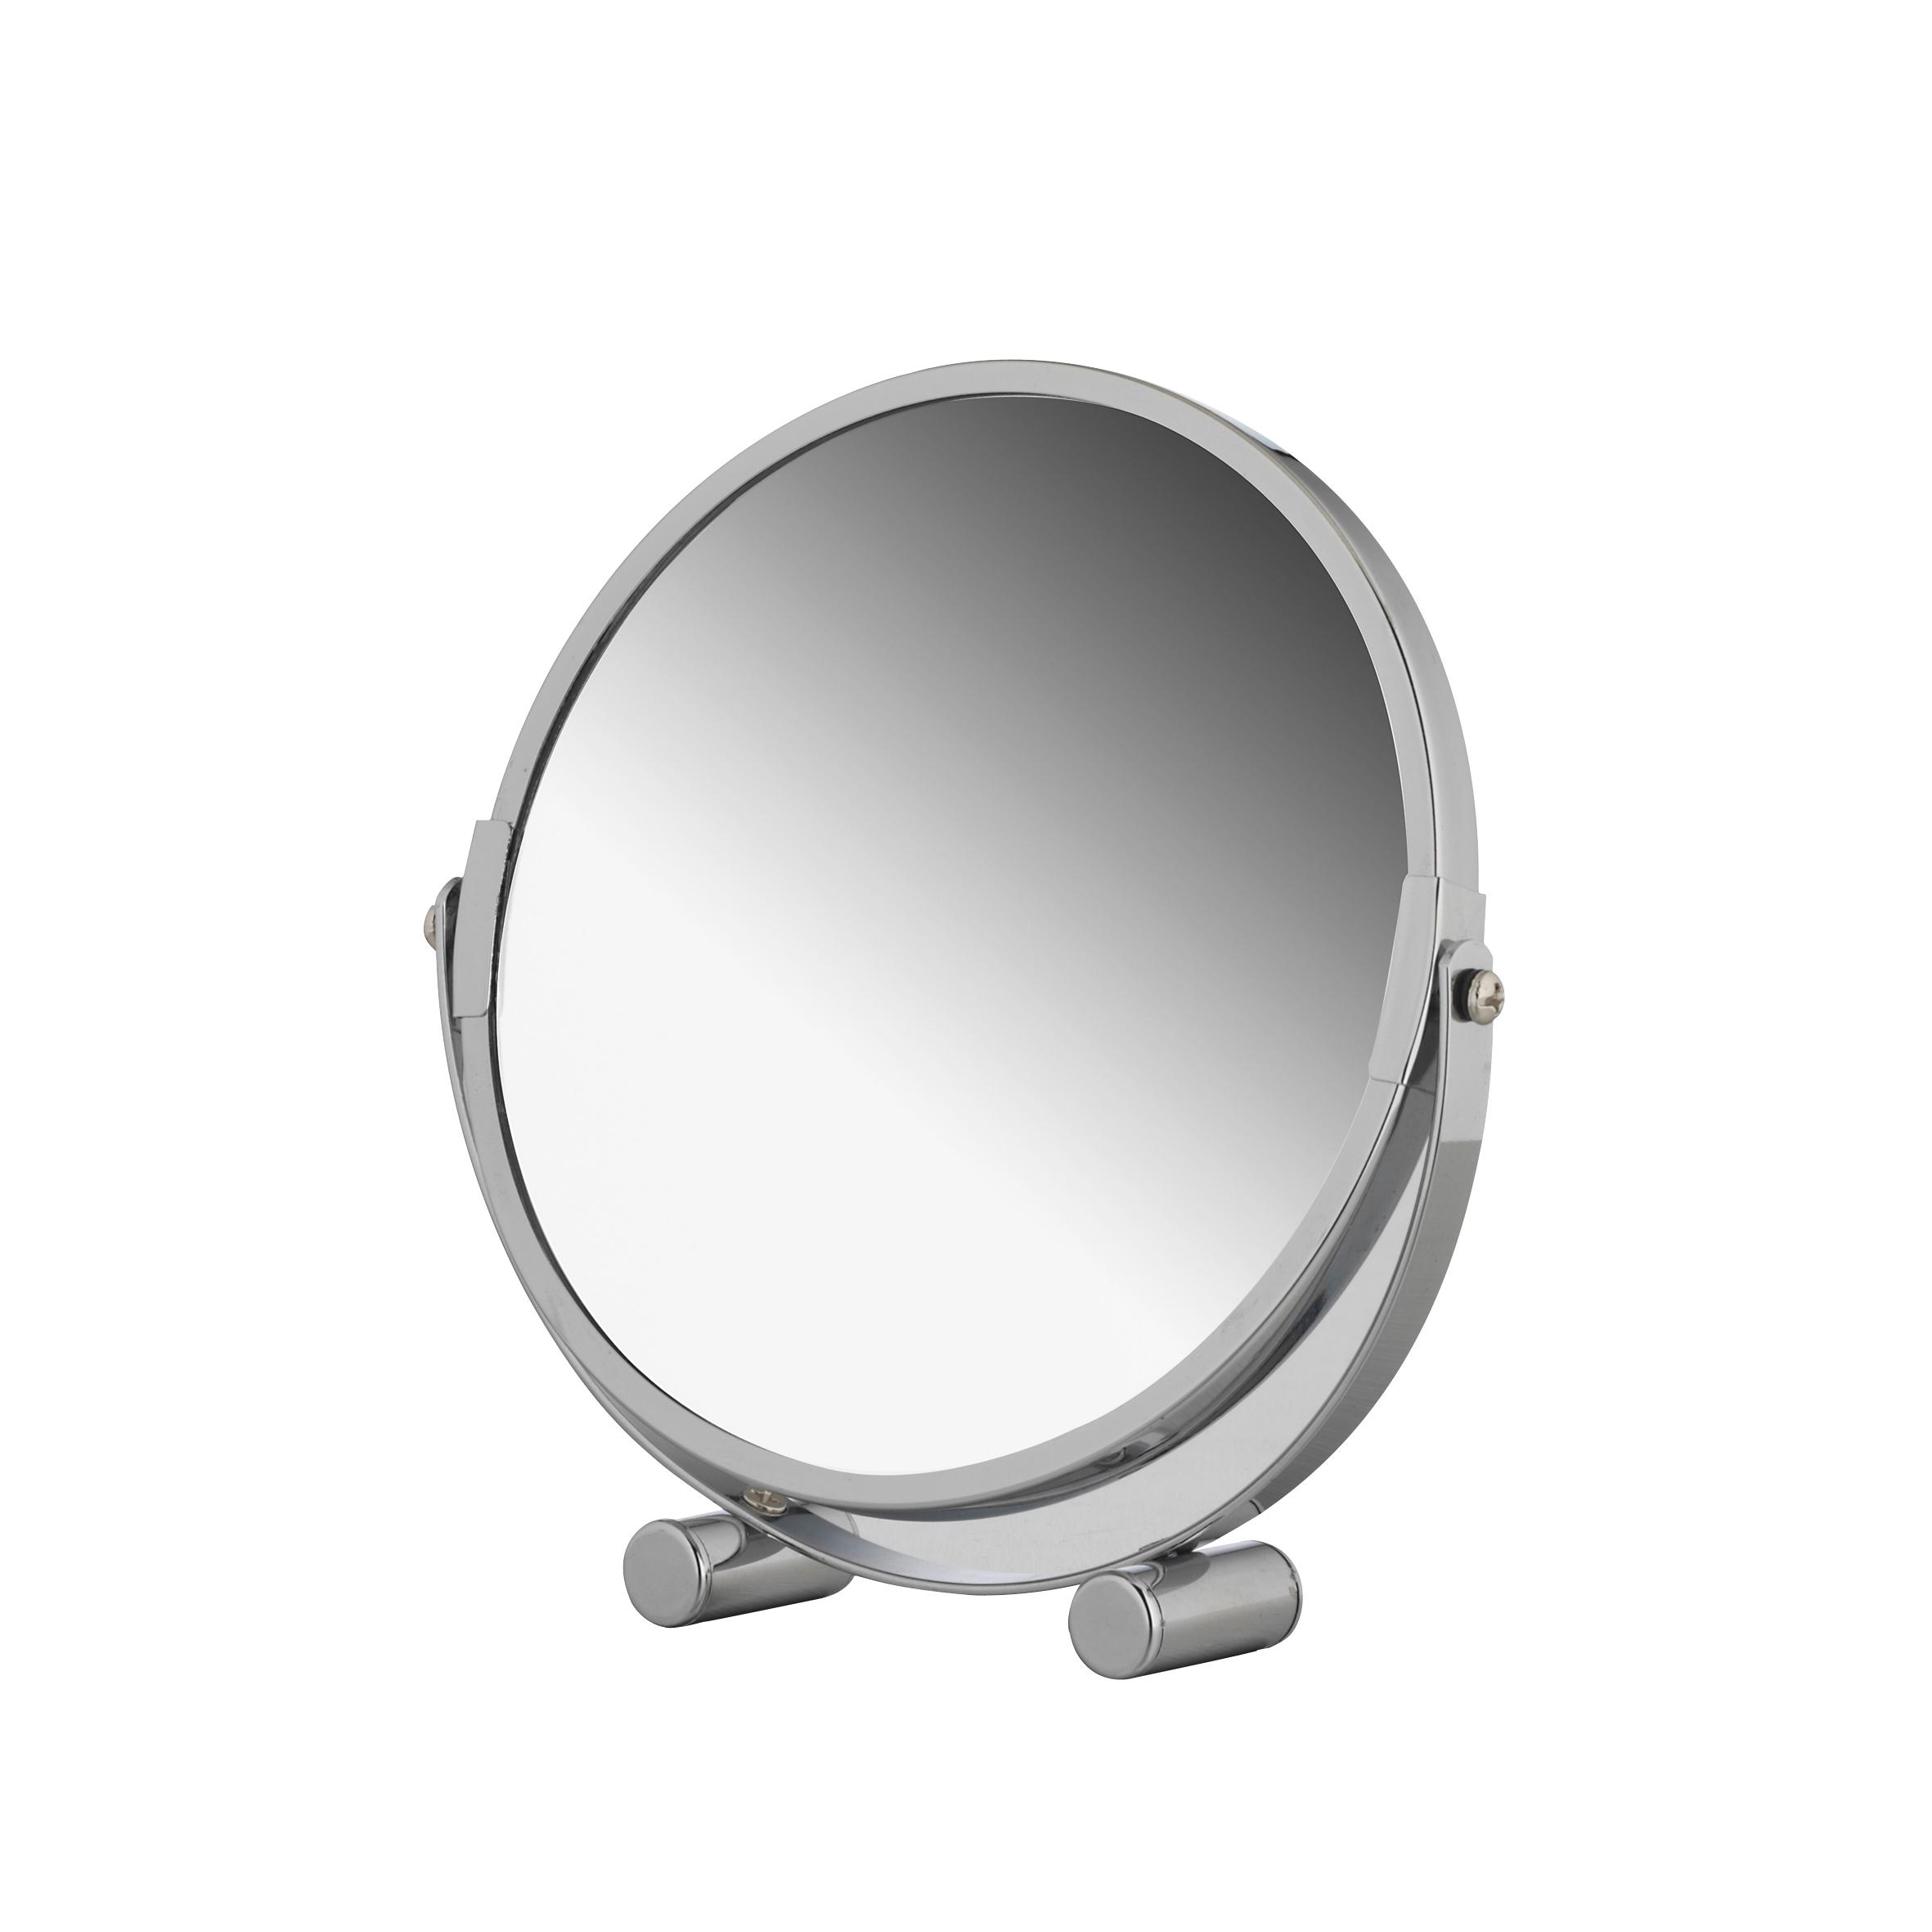 Зеркало косметическое Axentia, настольное, диаметр 17 см282800Двухсторонне косметическое зеркало Axentia с трехкратным увеличением с одной из сторон идеально подойдет для косметических процедур, нанесения и снятия макияжа, коррекции бровей и многого другого. Изделие имеет настольную конструкцию.Компактные размеры и возможность разворота на 360 градусов создаст дополнительный комфорт при использовании данного аксессуара.Диаметр зеркала: 17 см.